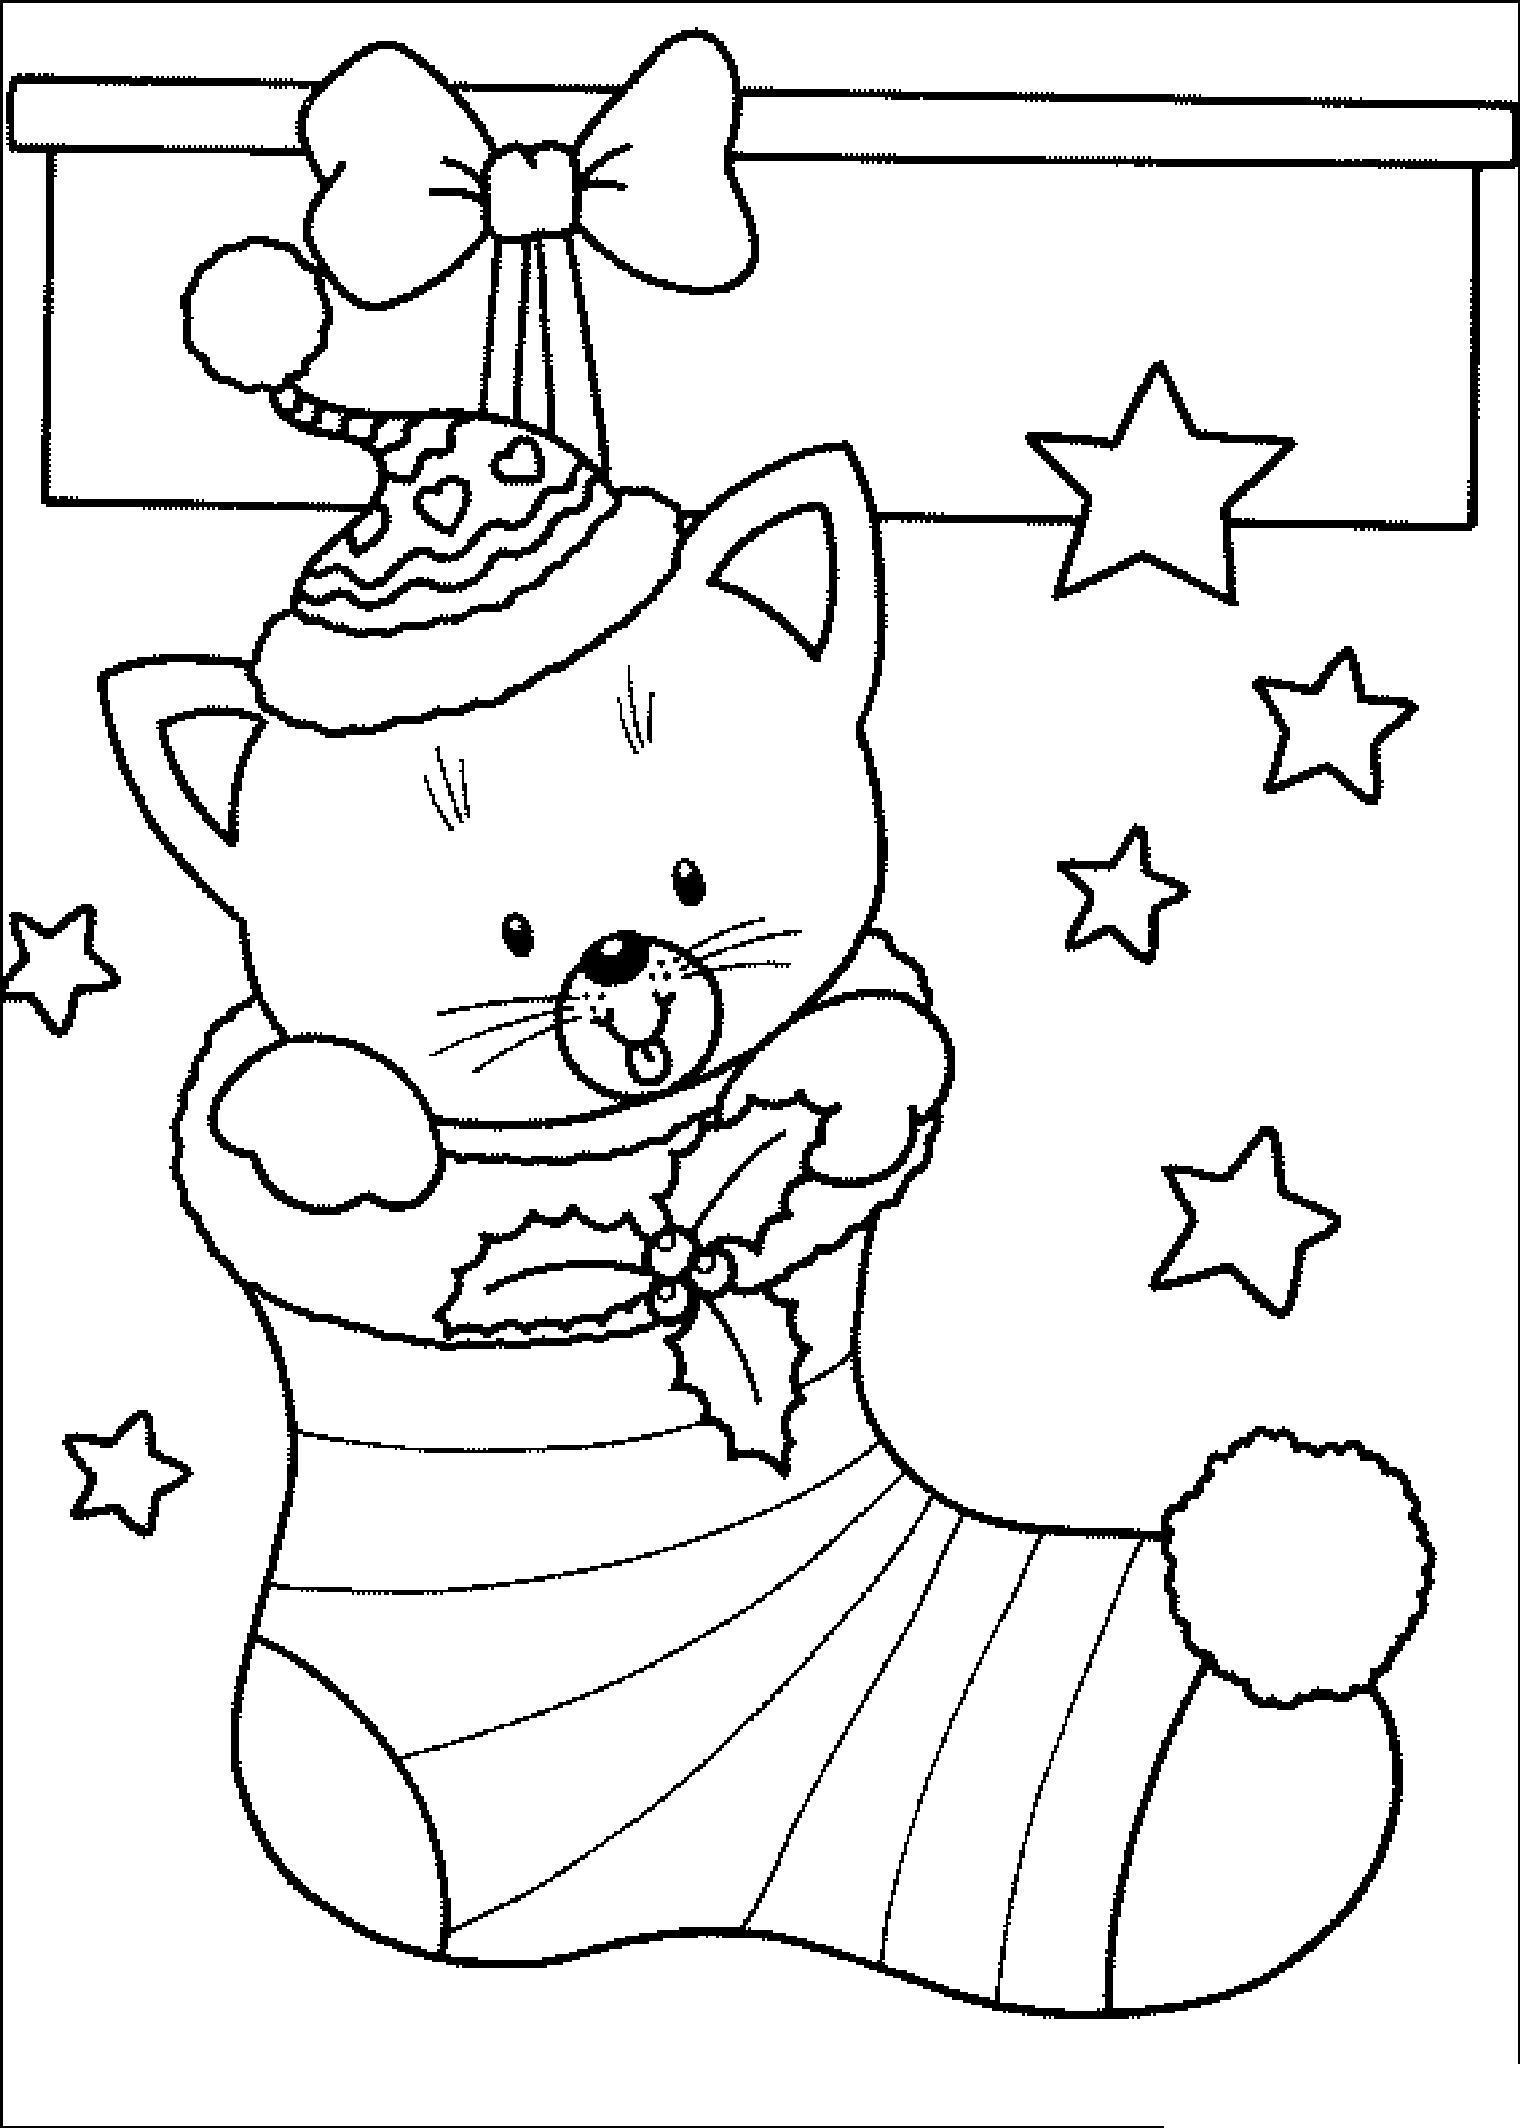 Новый год, котенок в подарок Детские раскраски зима распечатать